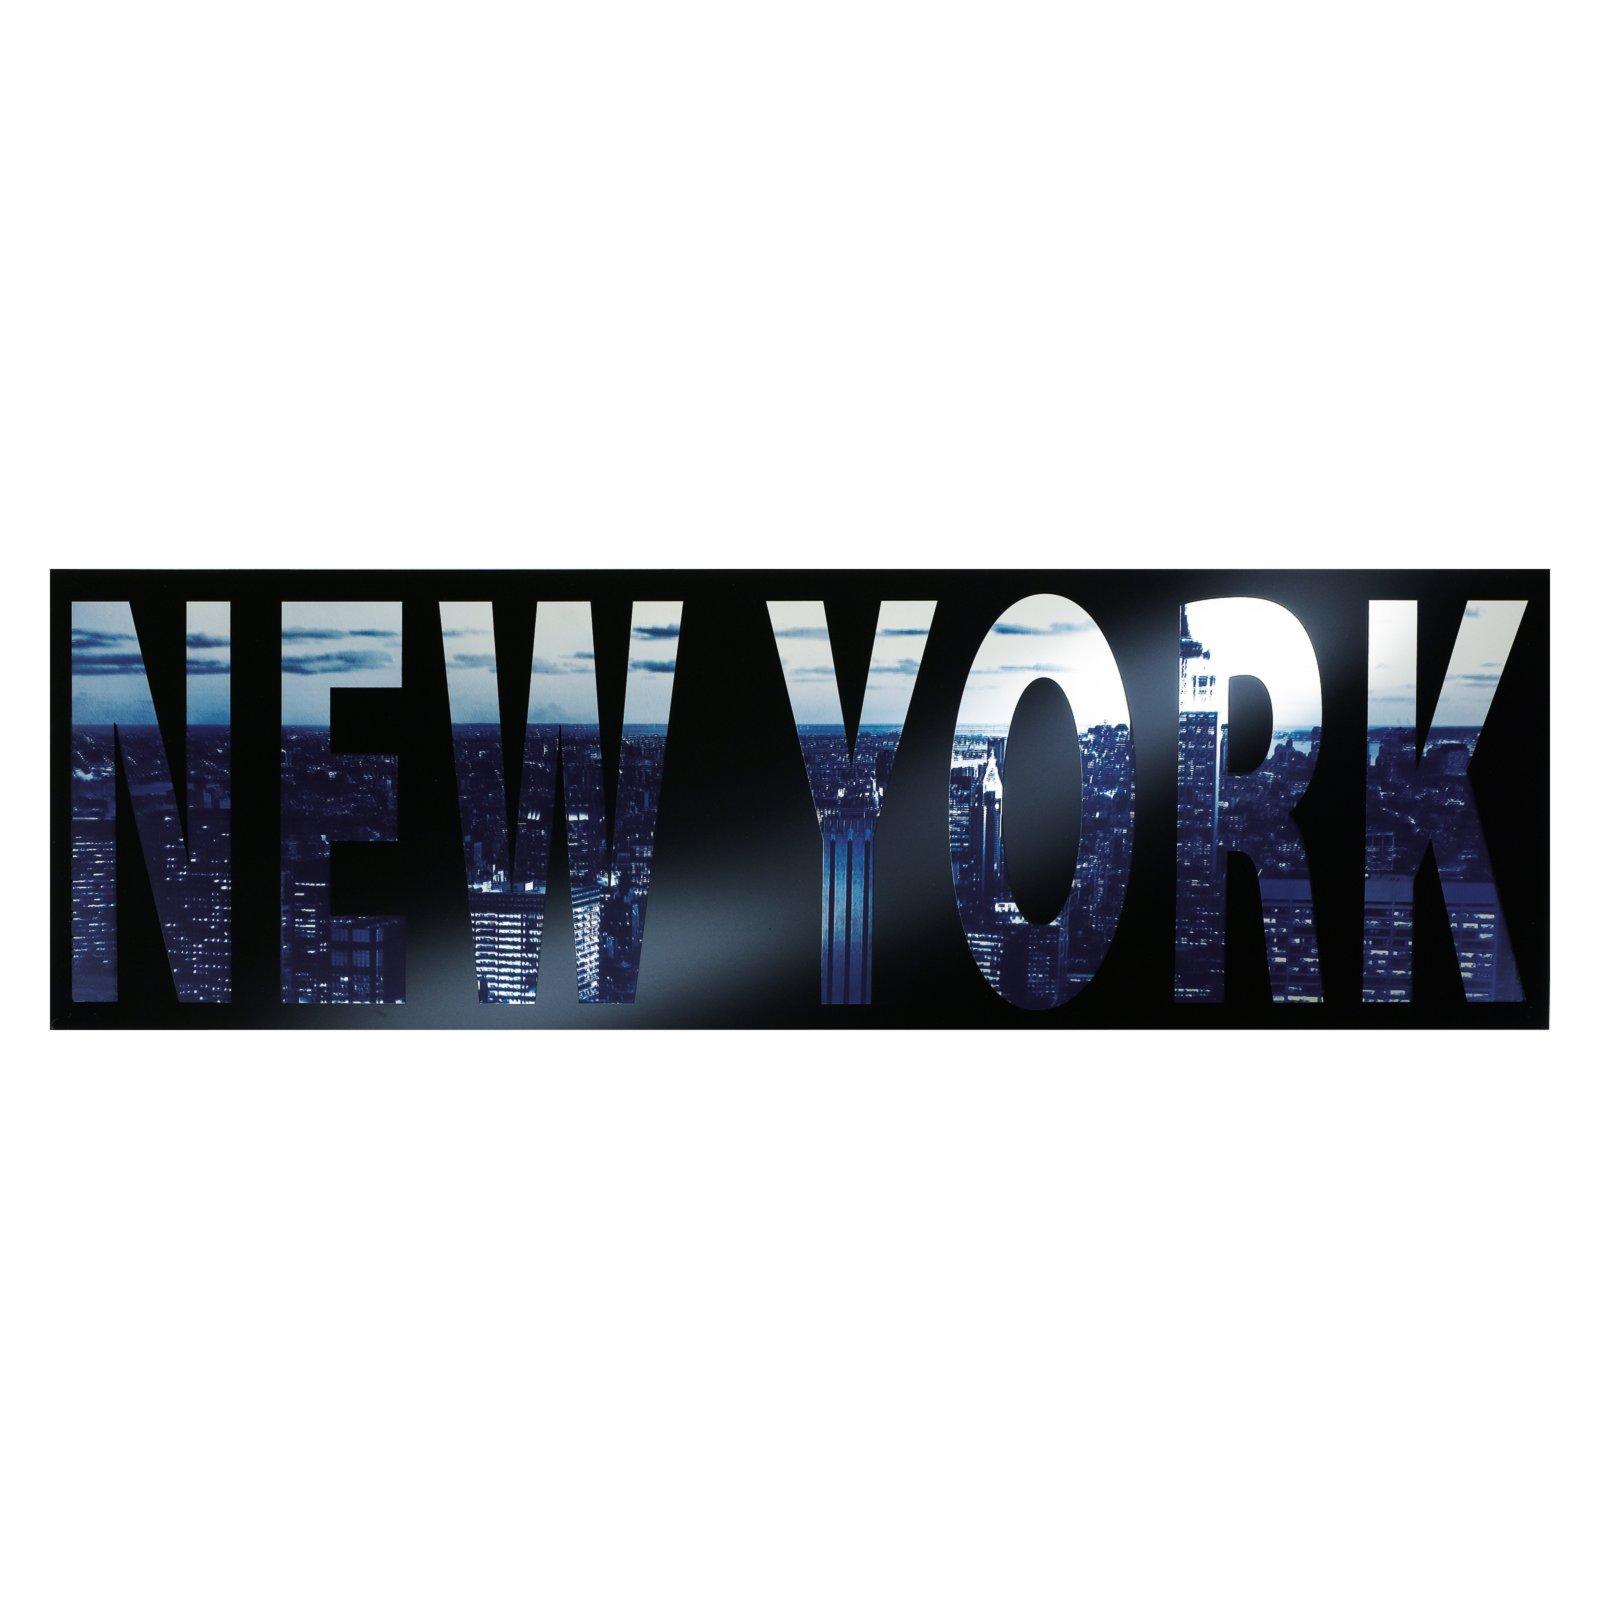 siebdruckspiegel art of new york glasbild bilder gem lde deko wohnaccessoires. Black Bedroom Furniture Sets. Home Design Ideas